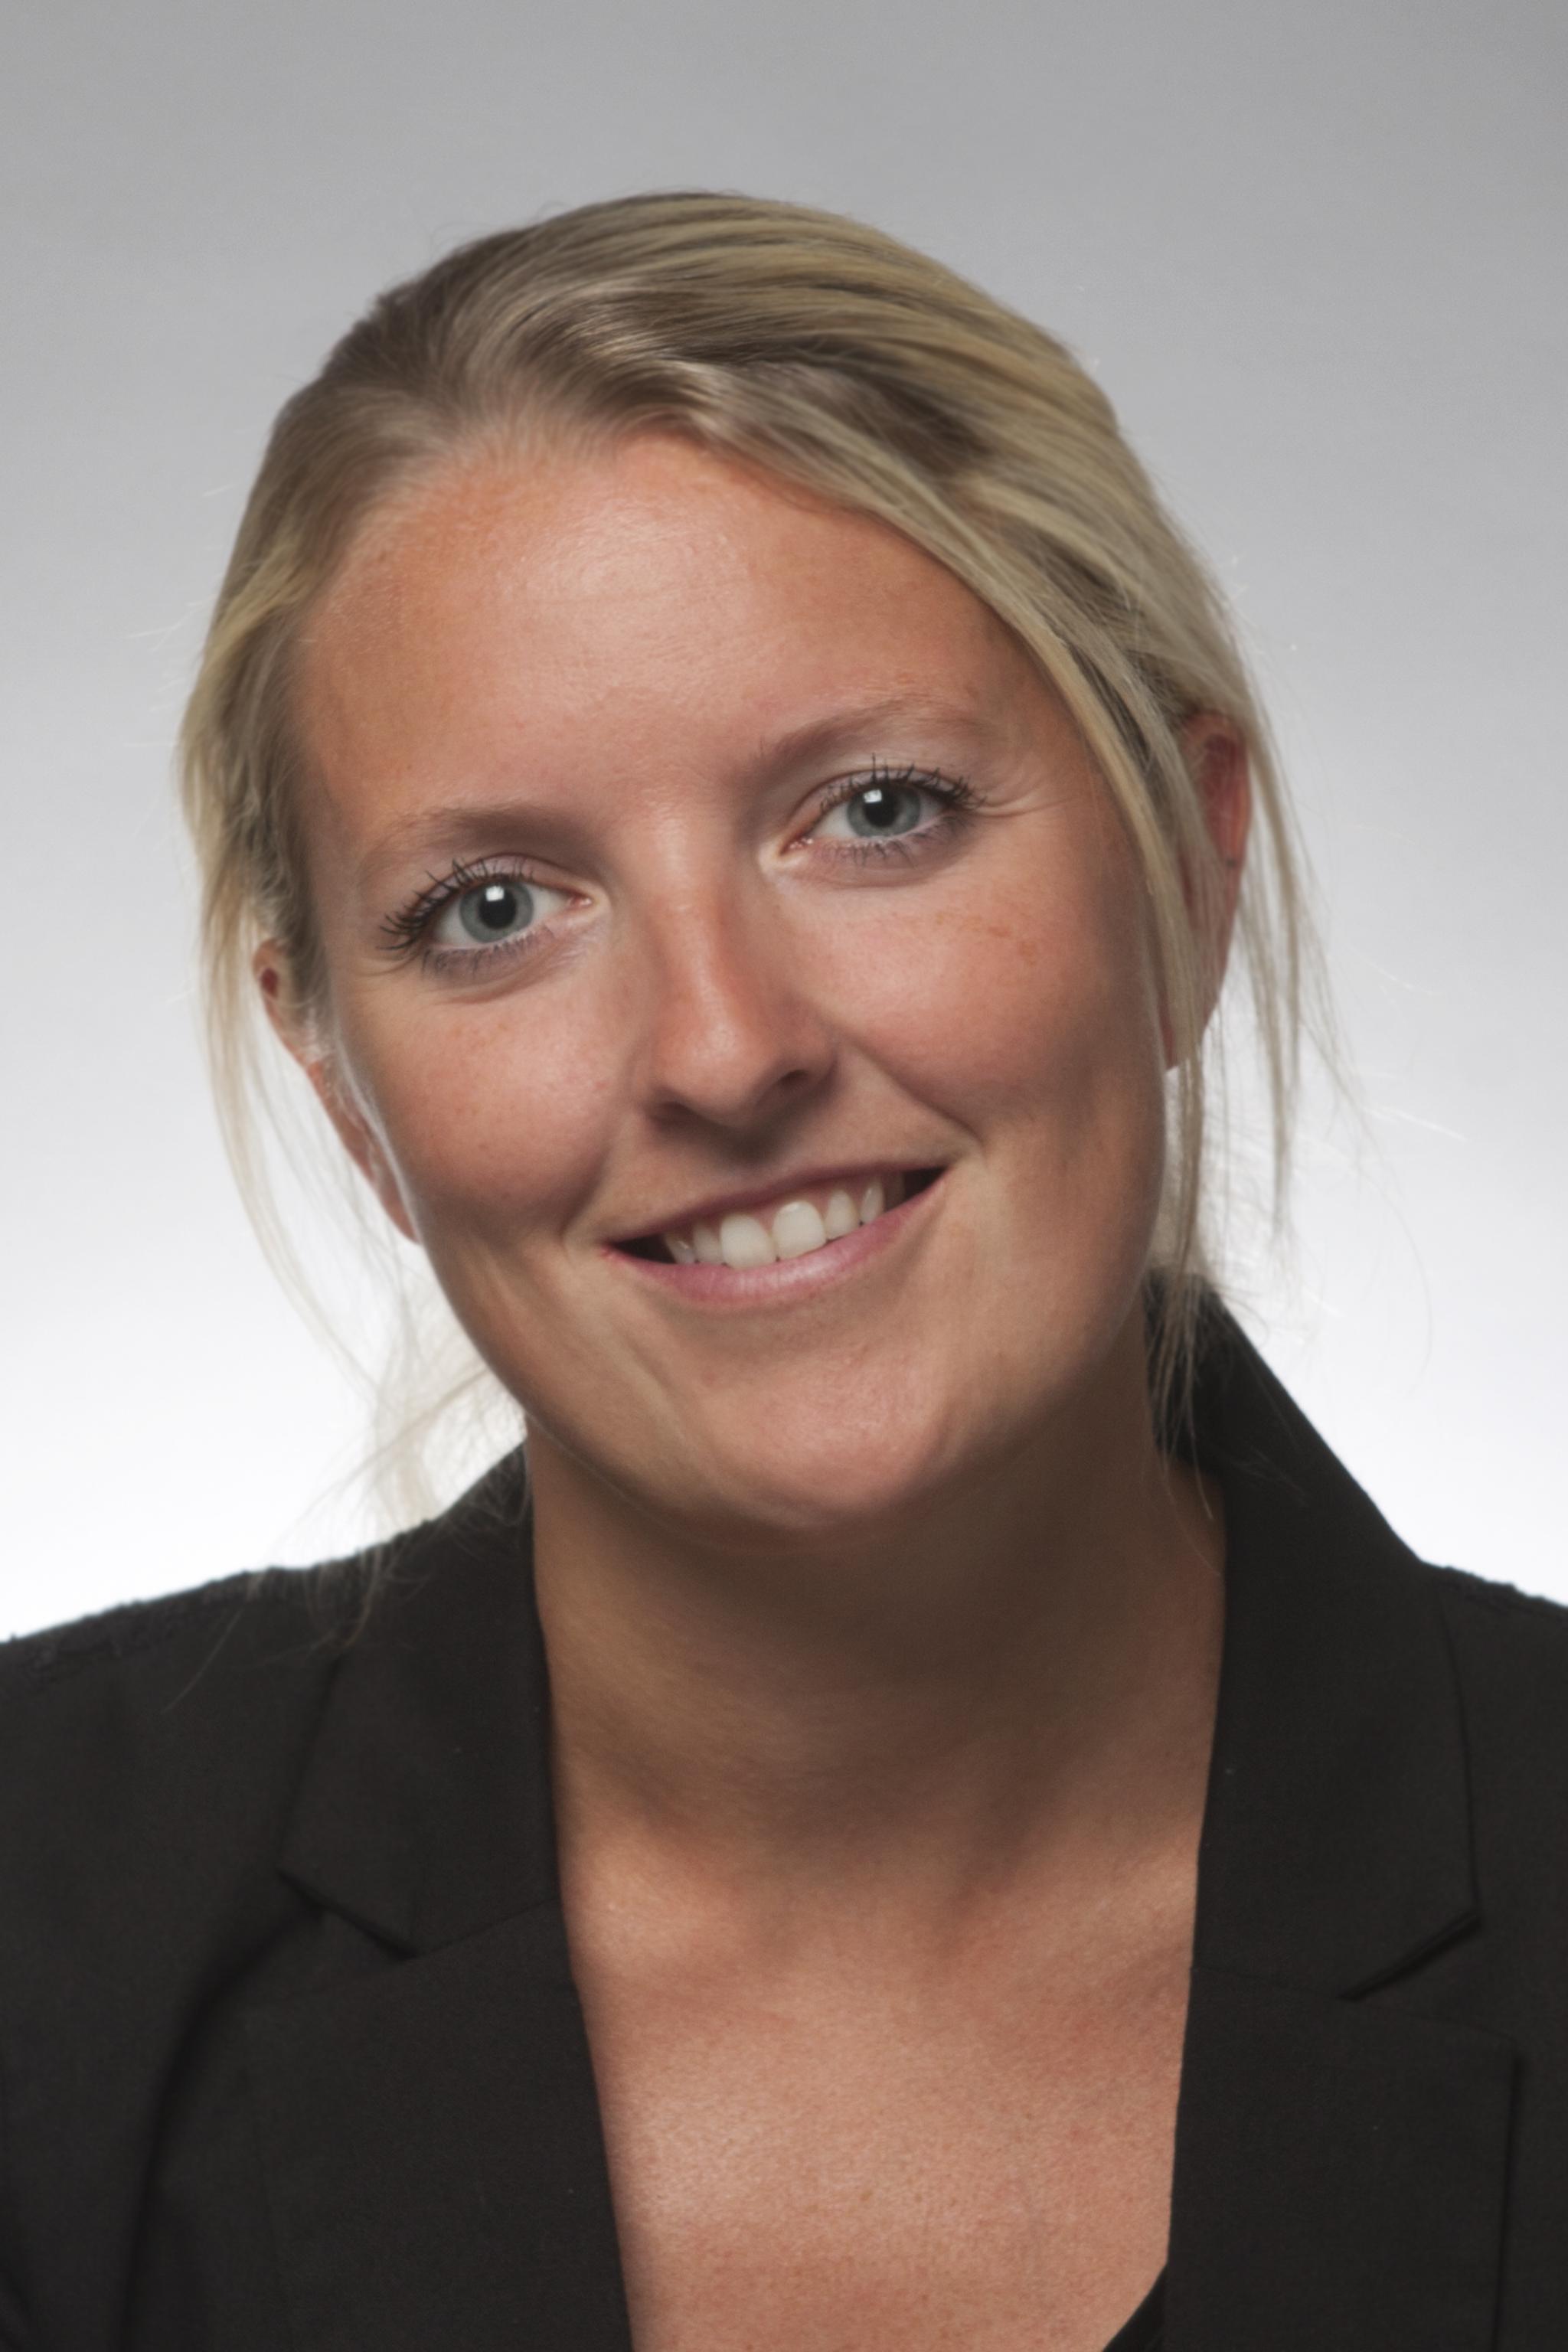 Barbara Vad Andersen